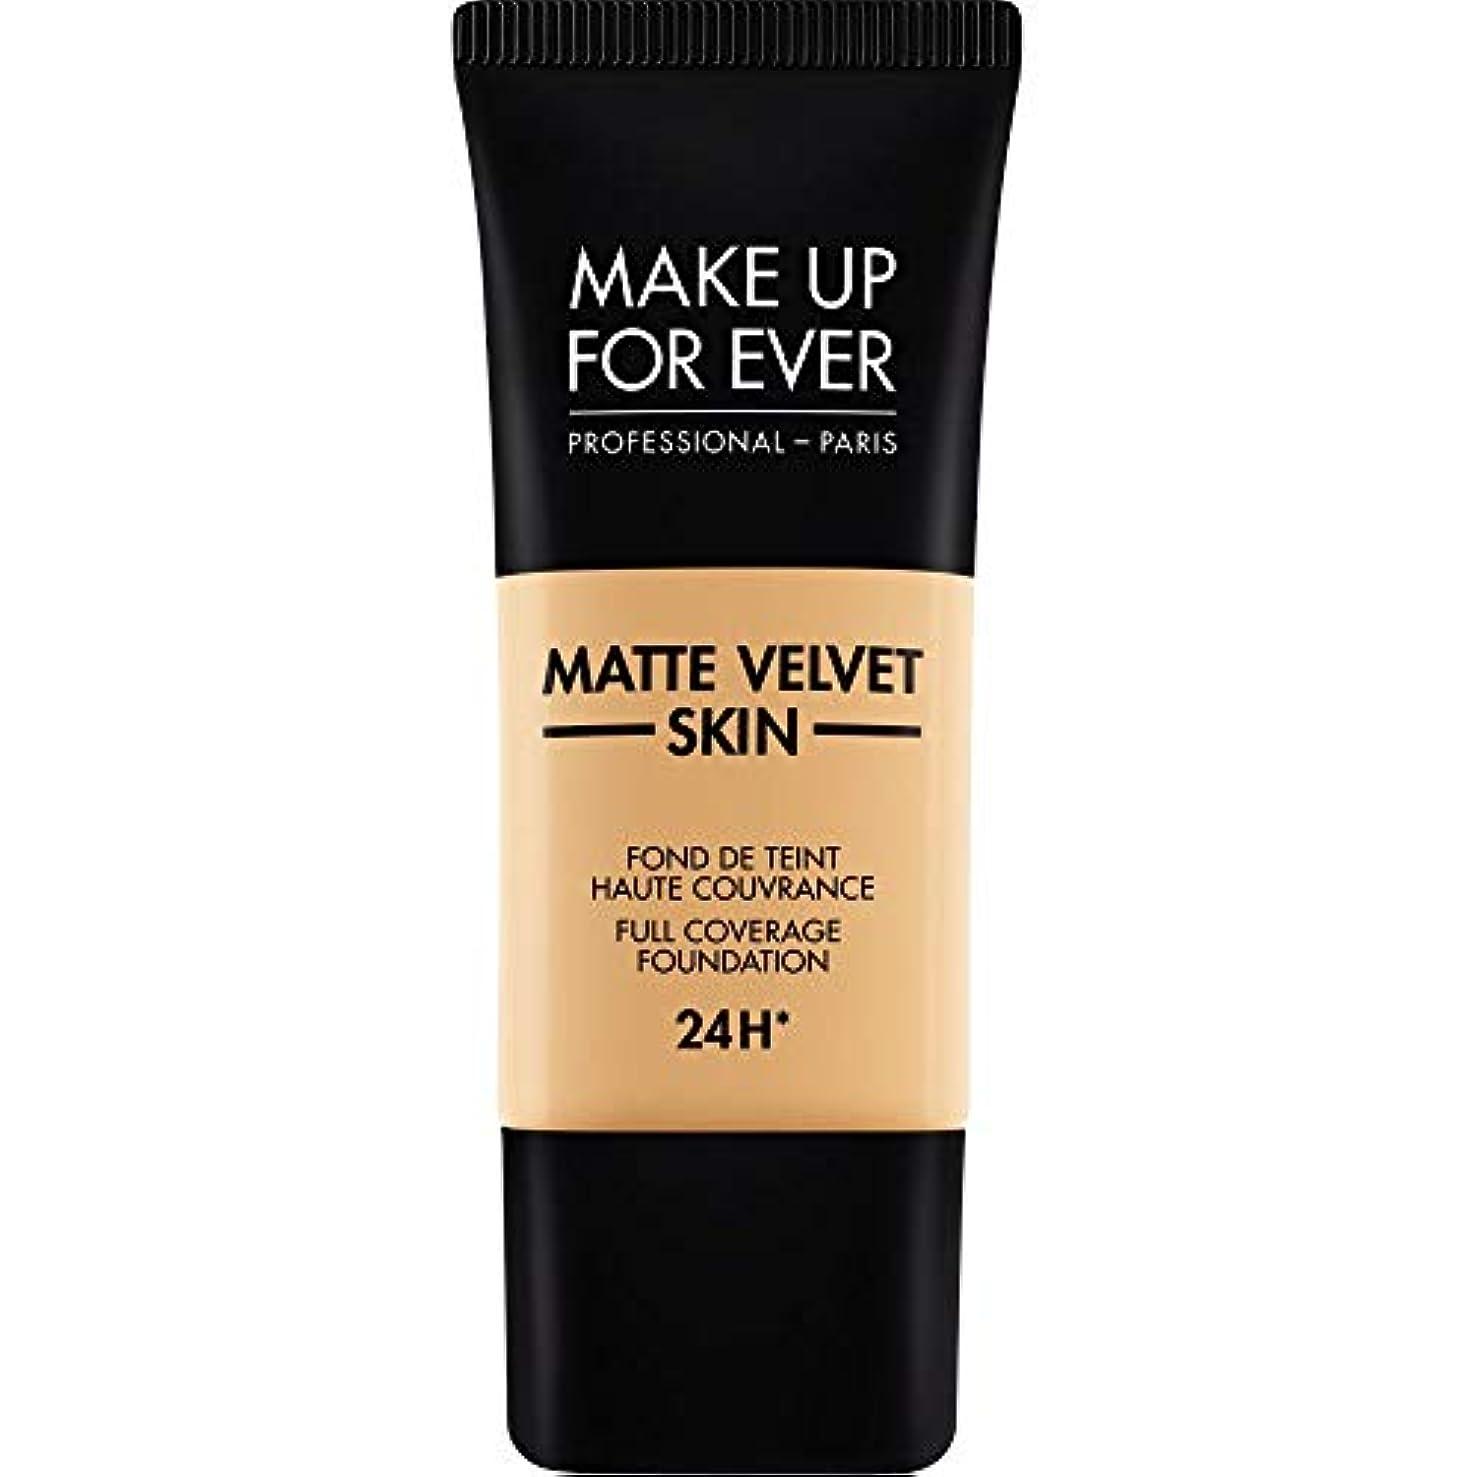 セイはさておきビタミンライン[MAKE UP FOR EVER ] ナチュラルベージュ - これまでマットベルベットの皮膚のフルカバレッジ基礎30ミリリットルのY345を補います - MAKE UP FOR EVER Matte Velvet Skin...